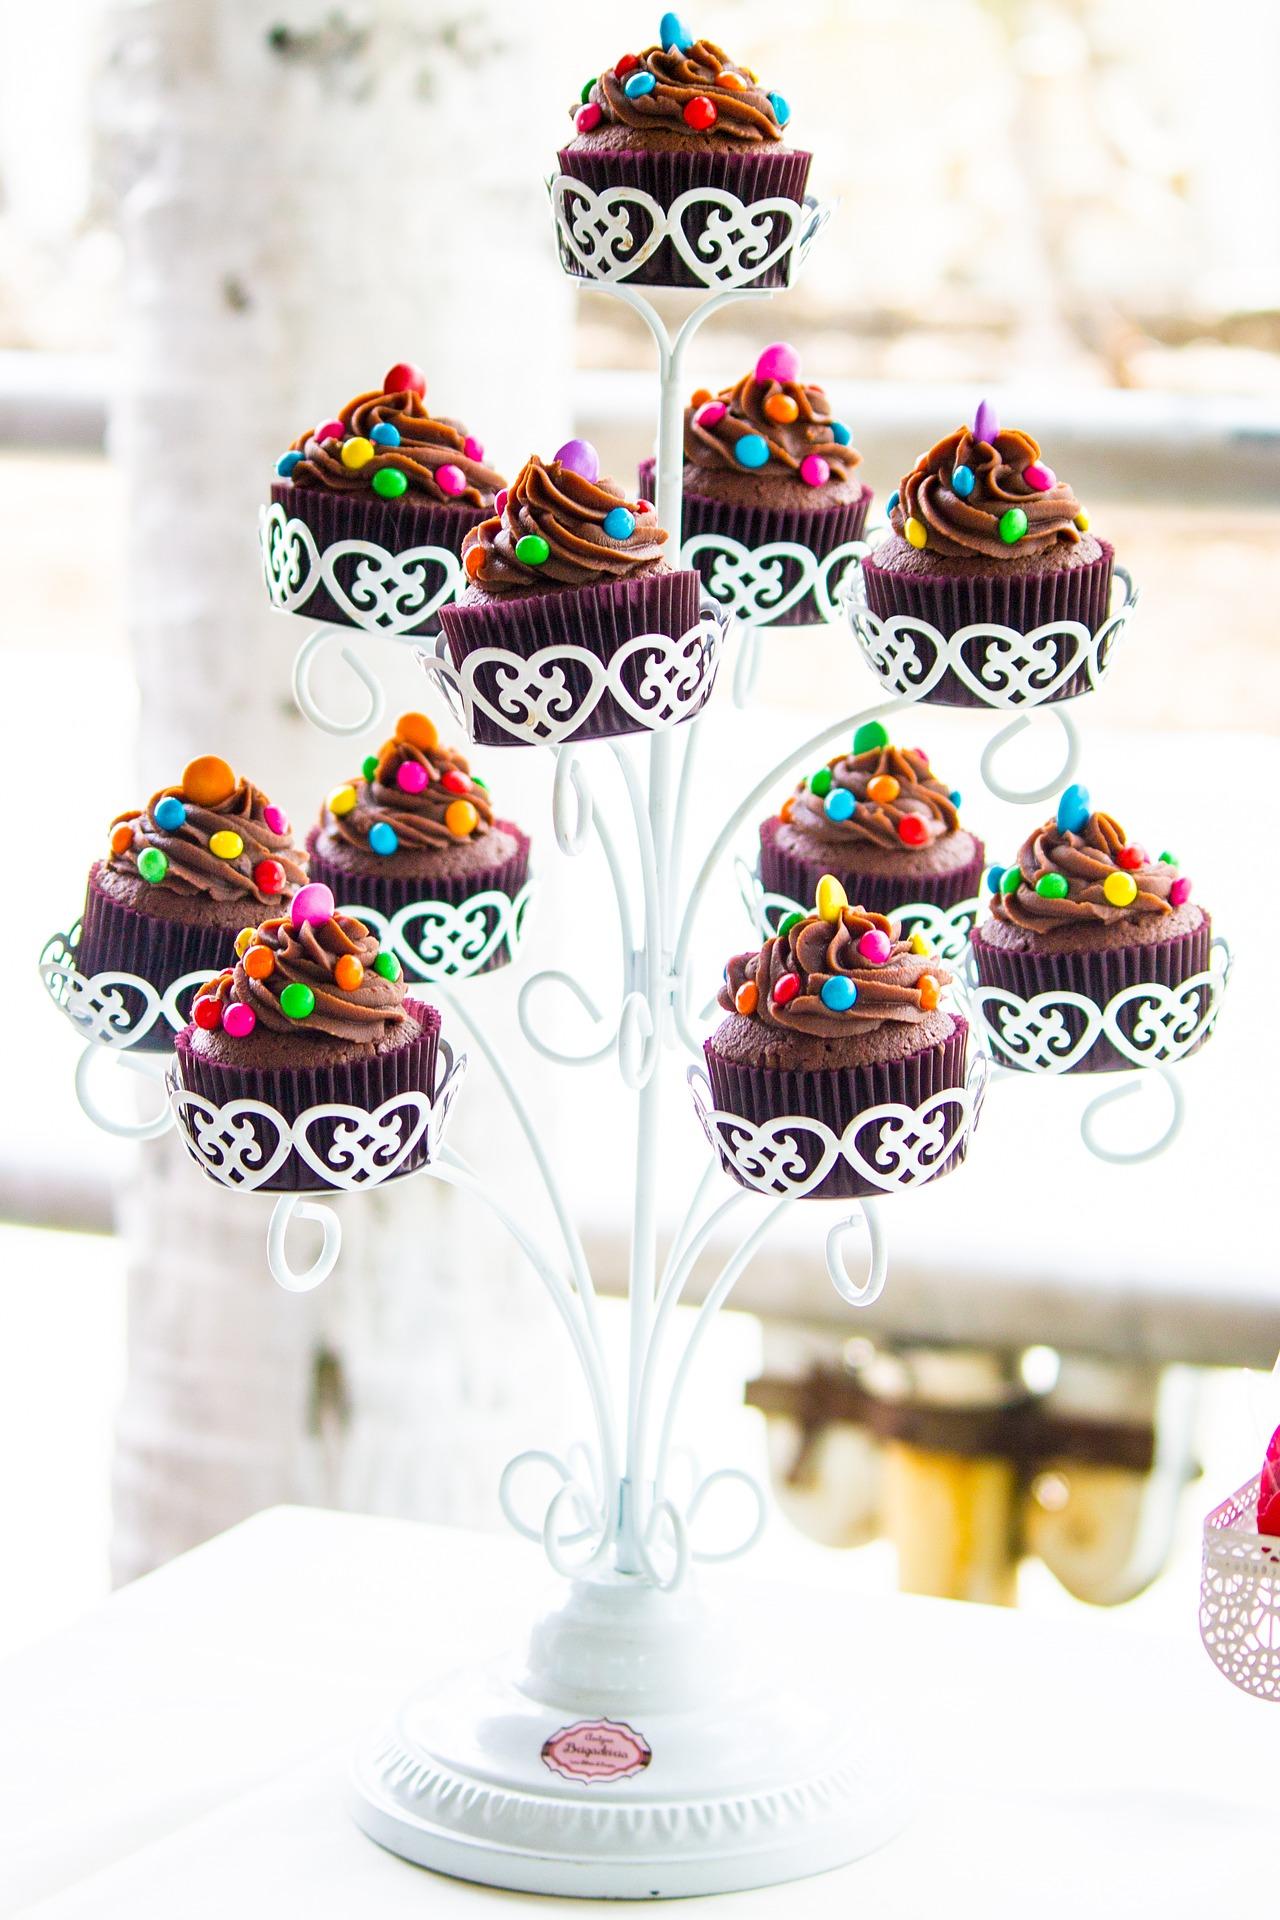 Schokoladencupcakes auf einer Etagere.